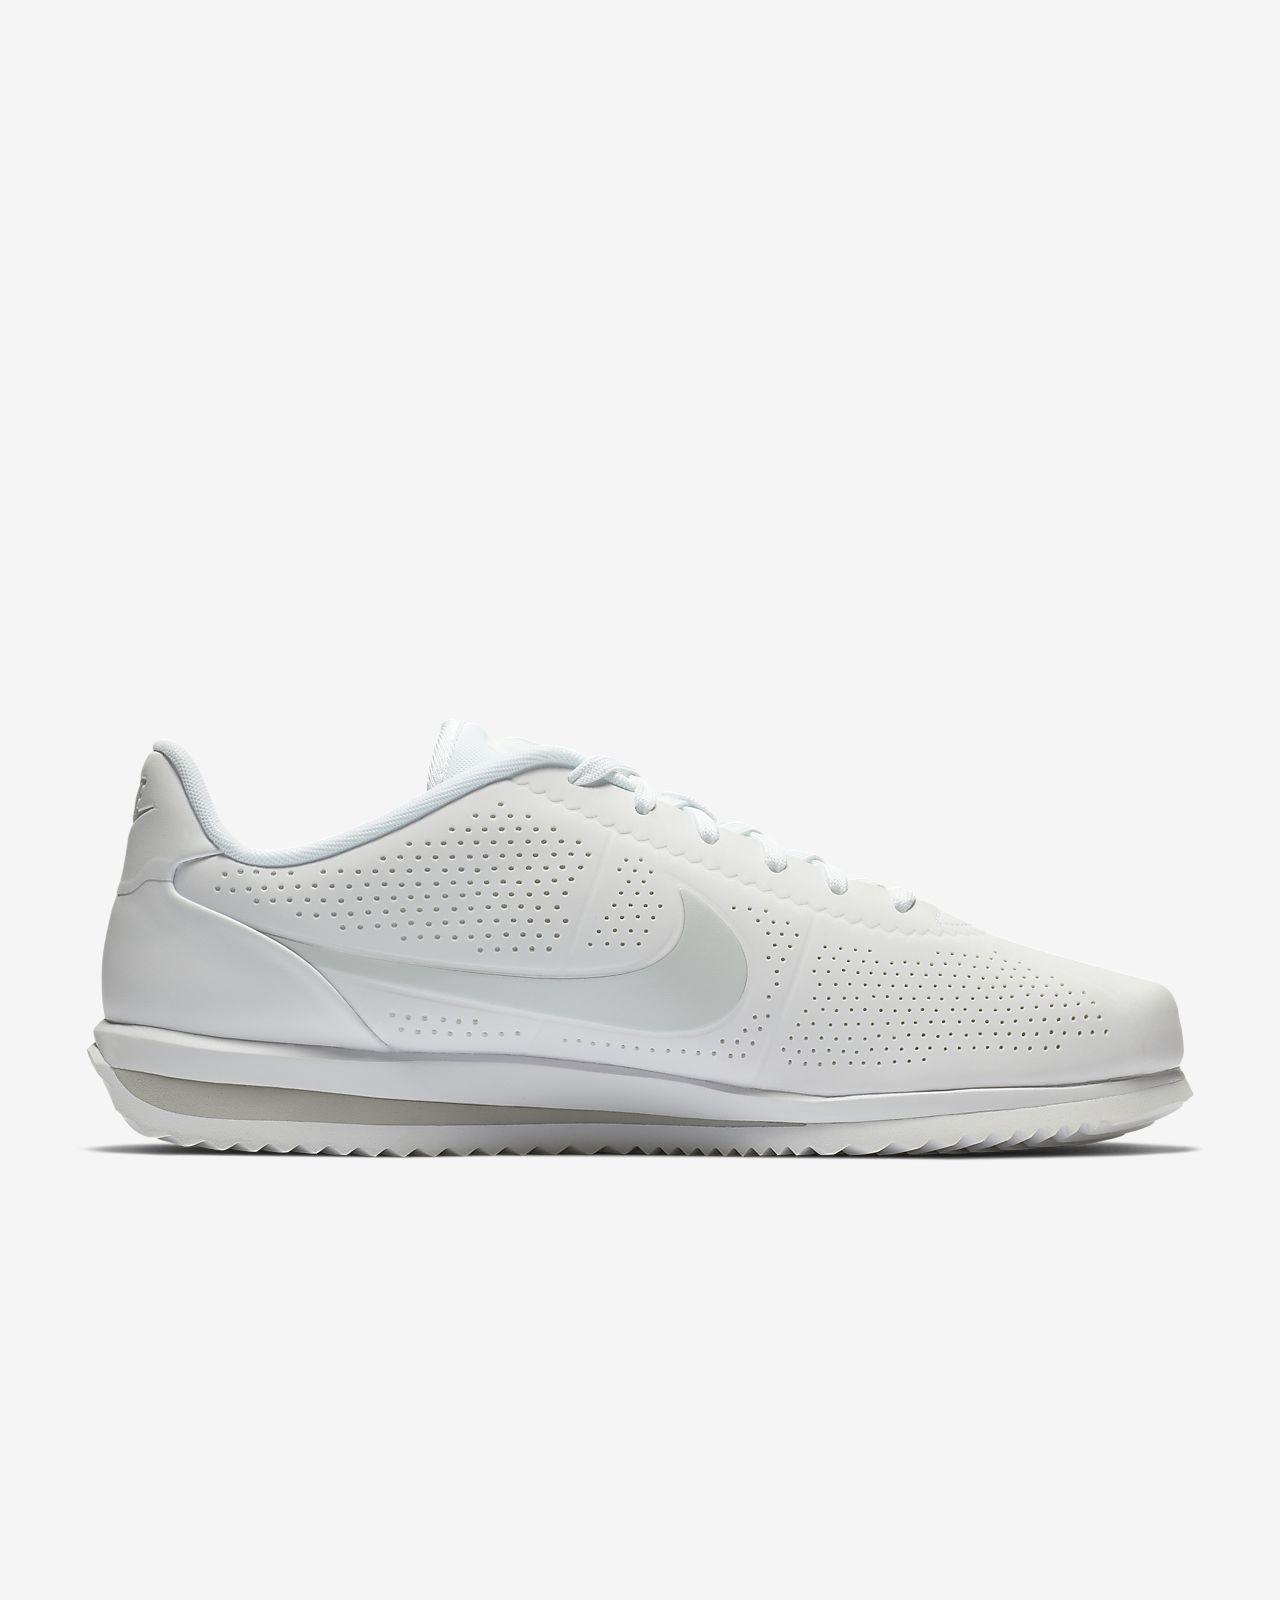 Enfin, Les Promotions Meilleures Ventes Nike Cortez Ultra